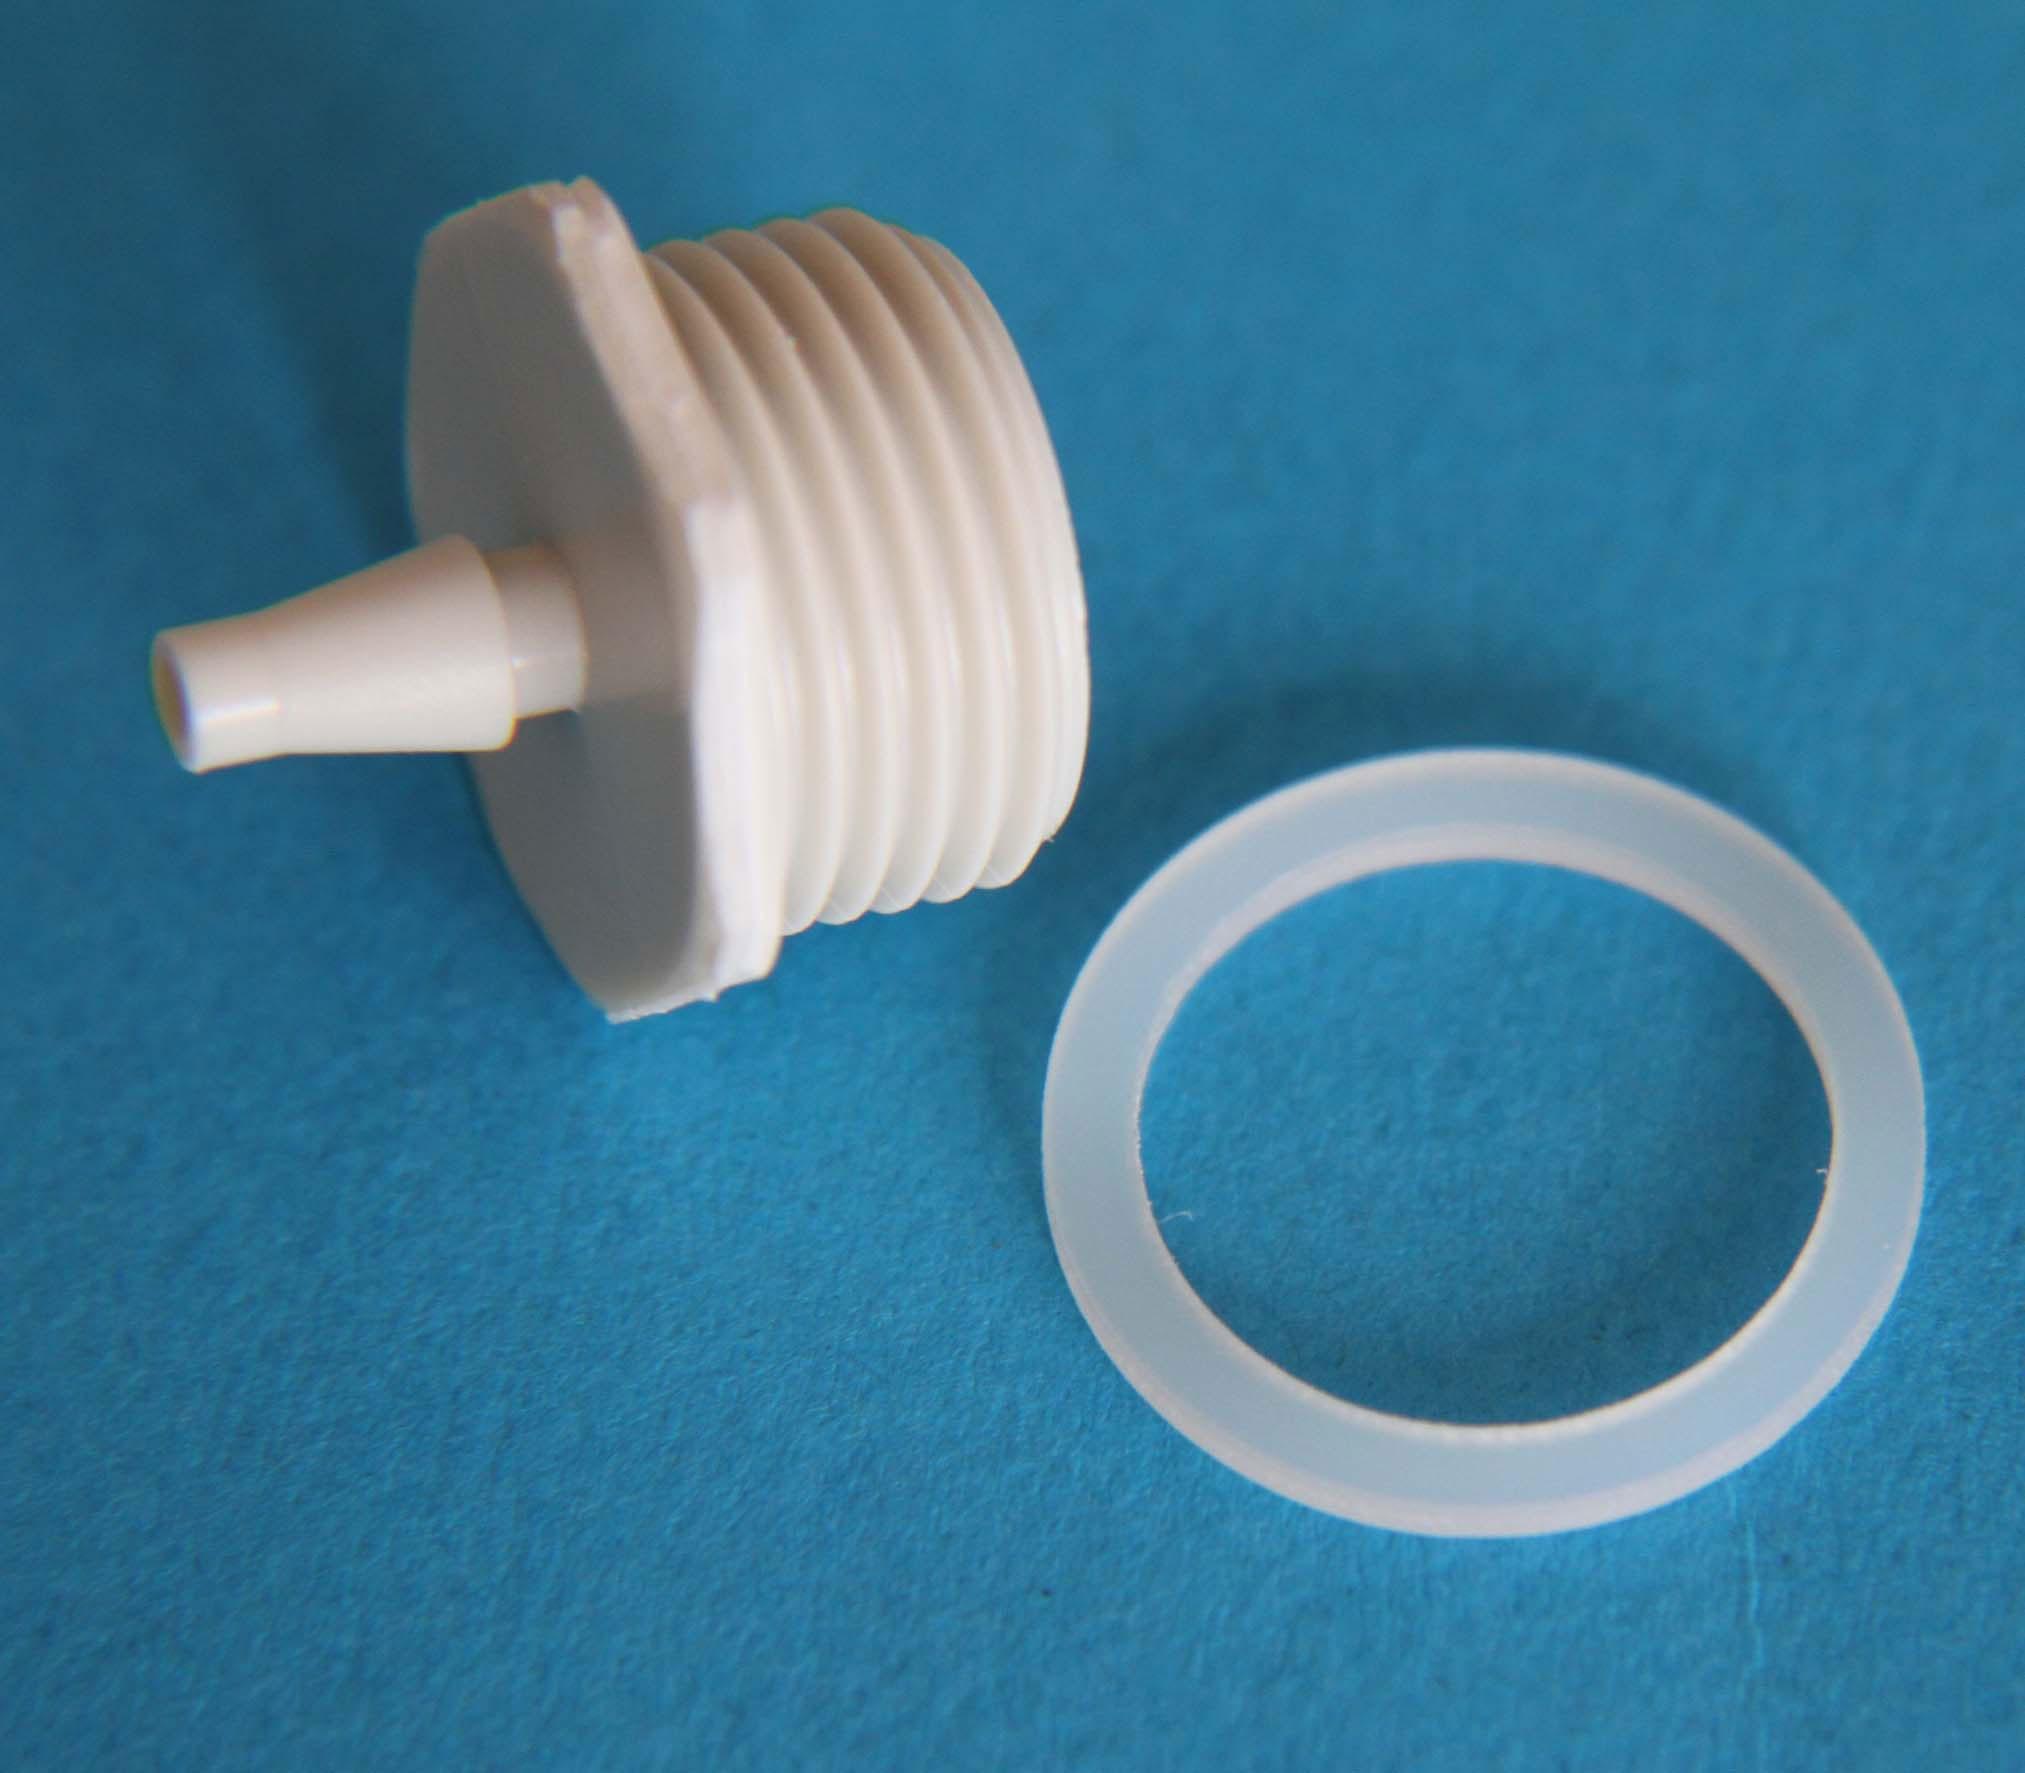 Luftanschlussnippel Luftdruckwächter P4 mit Dichtring (2 Stück) Bild 1